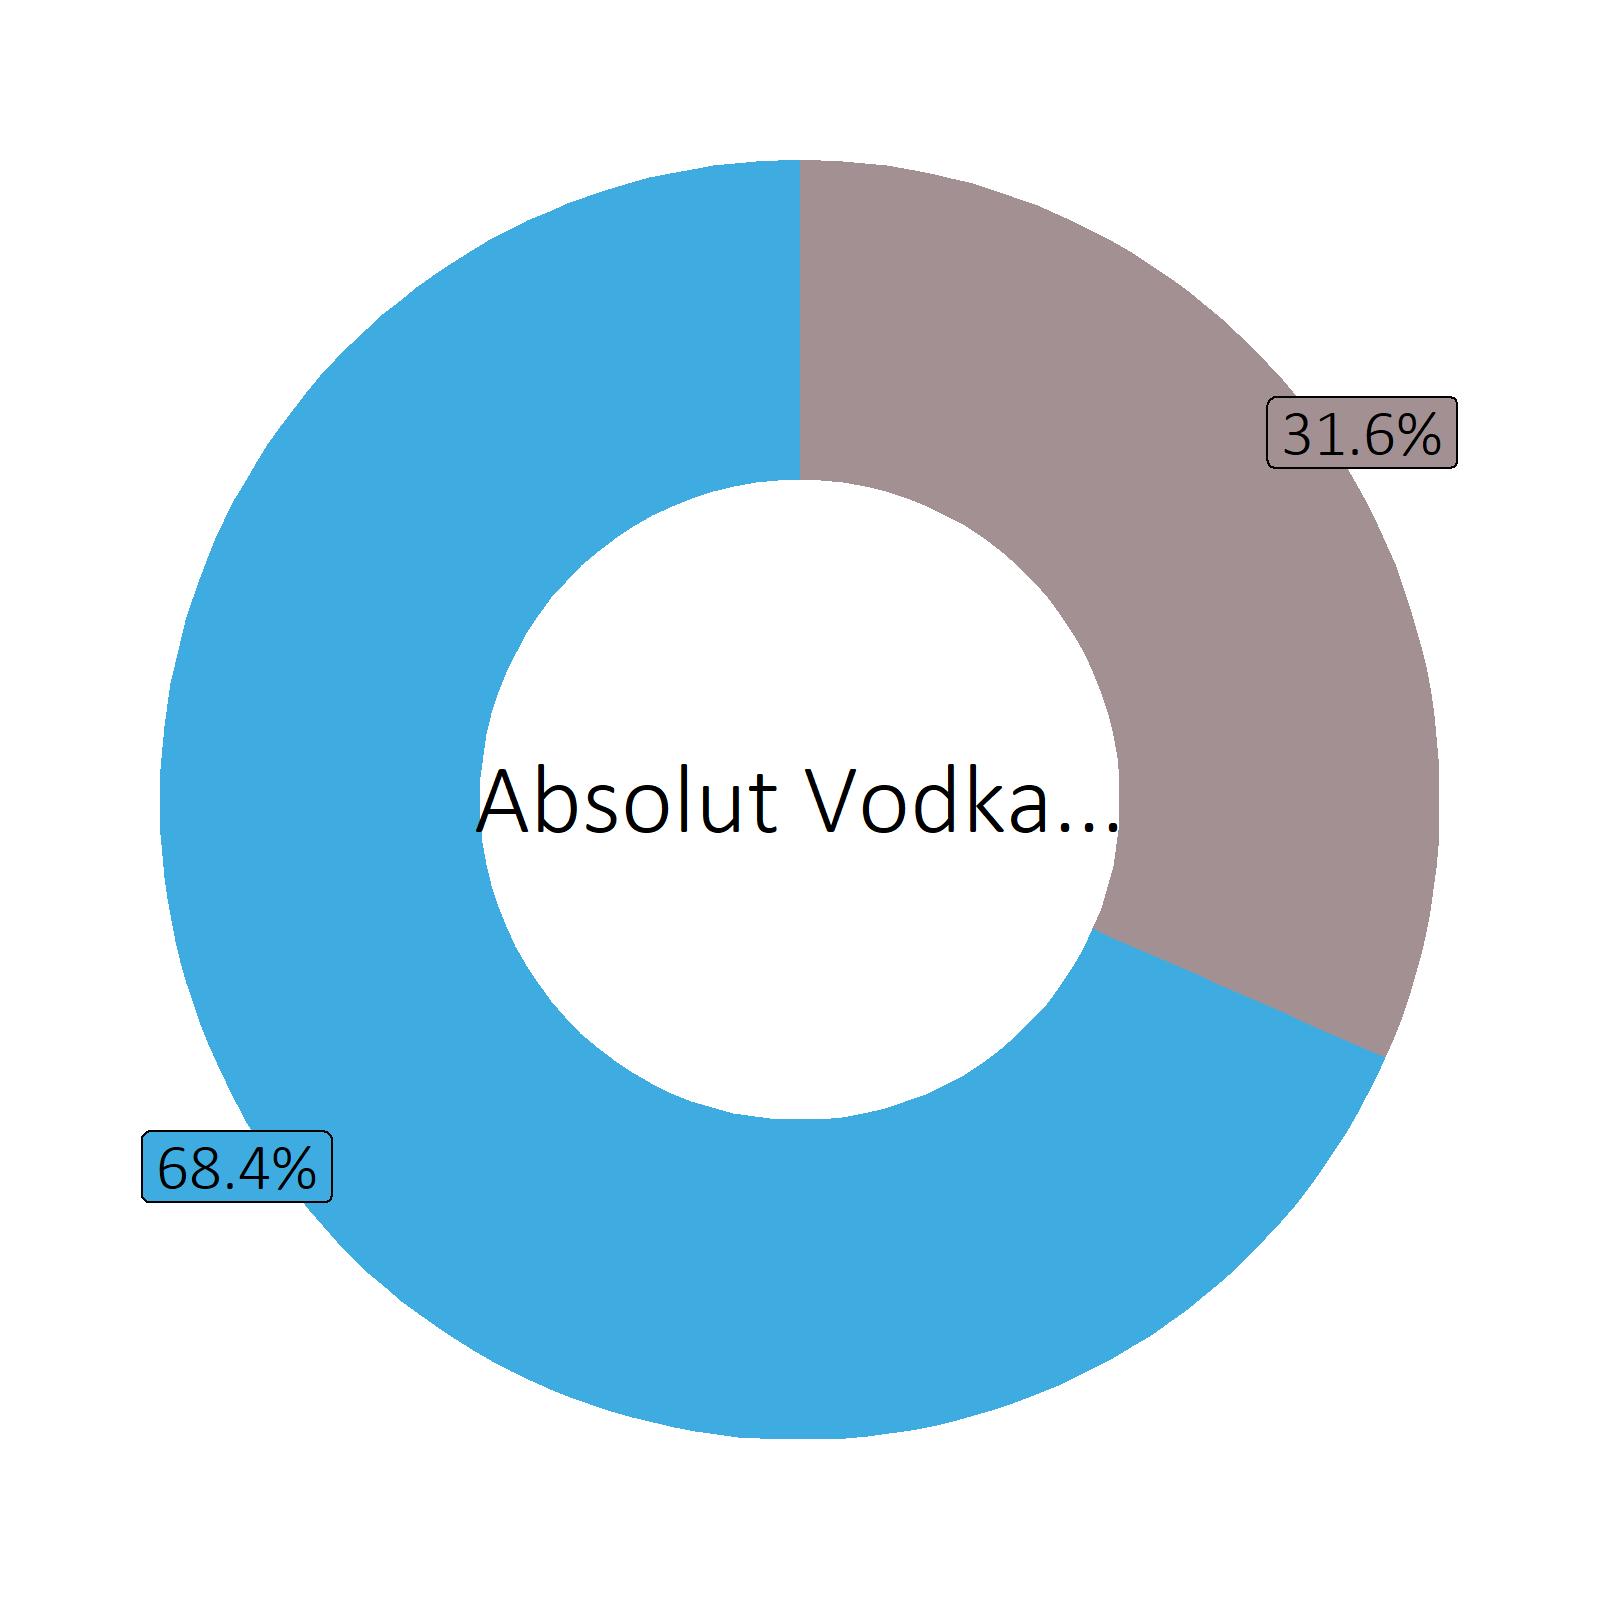 Bestandteile Absolut Vodka (40 vol%)